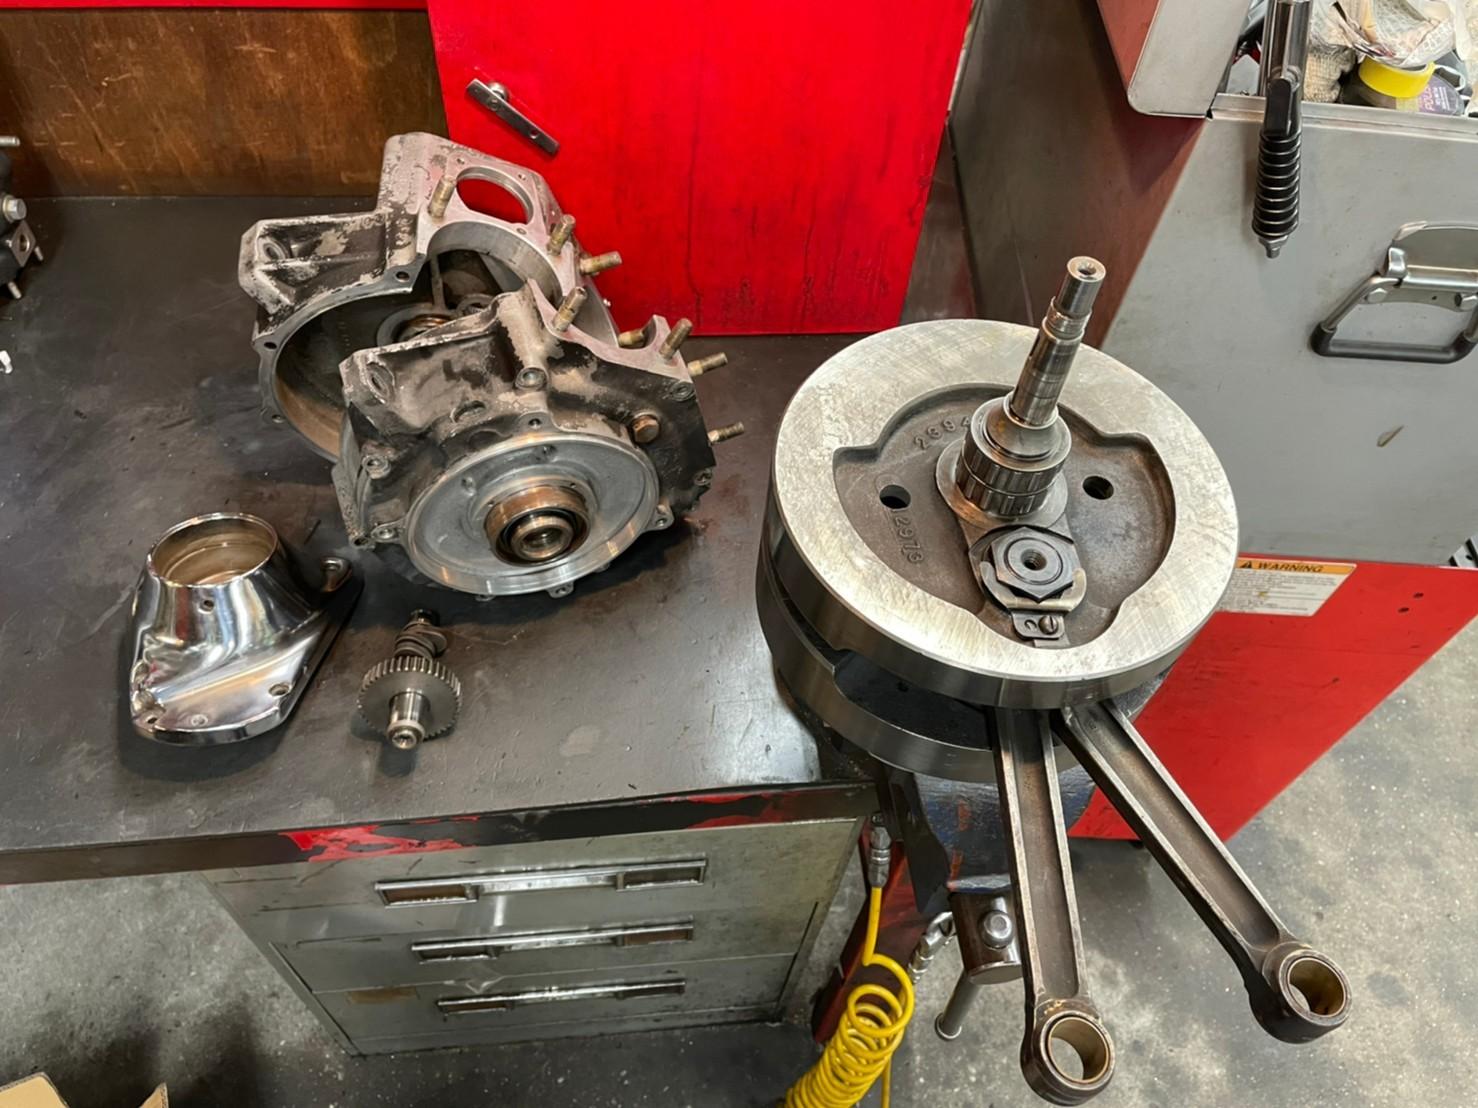 \'73 Shovel Rigid エンジンオーバーホール & カスタム_b0160319_16190232.jpg